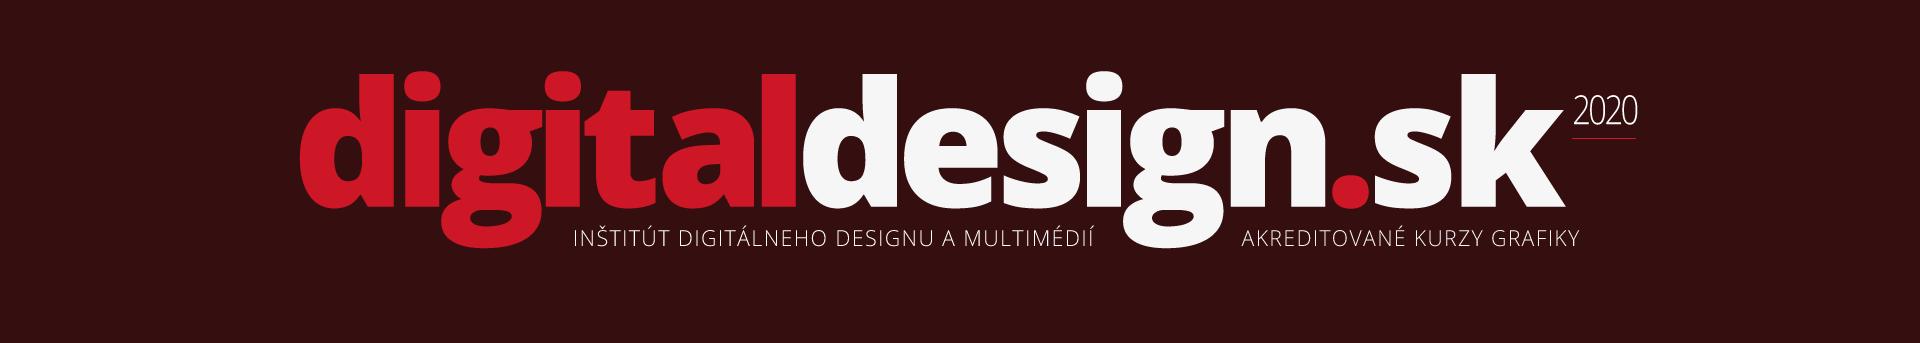 digitaldesign.sk = akreditované kurzy grafiky, kurzy Adobe Illustrator, kurzy Photoshop,, kurzy InDesign, kurzy Corel, kurzy tvorba webstránok, kurzy grafický design, kurzy webdesign, kurzy KOMPAS, Košice, Prešov